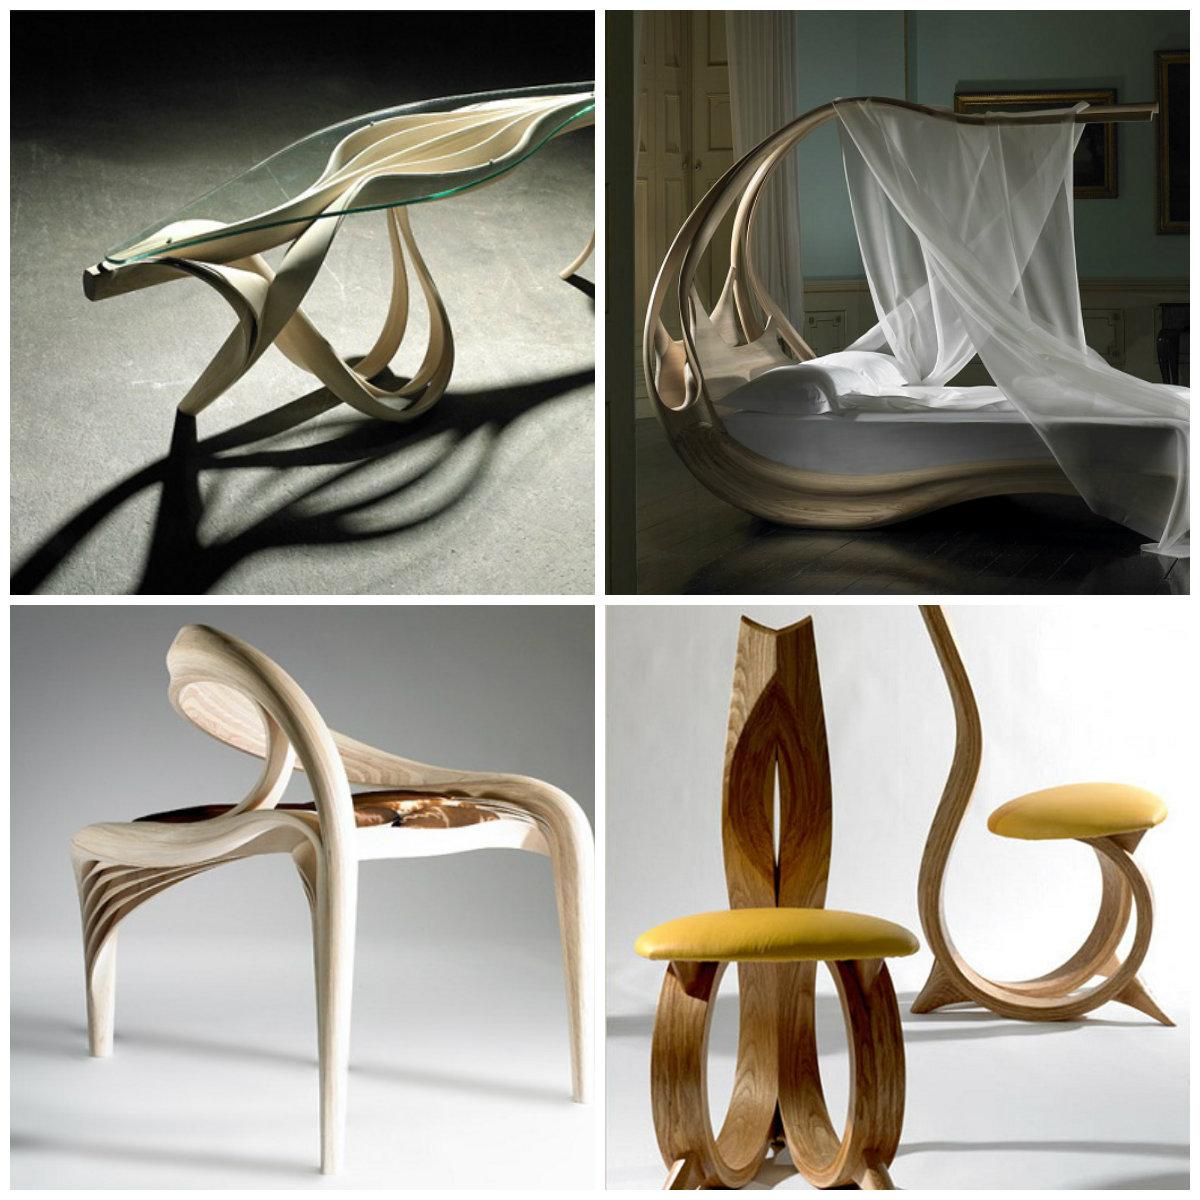 Изящество дерева: удивительная мебель от Джозефа Уолша